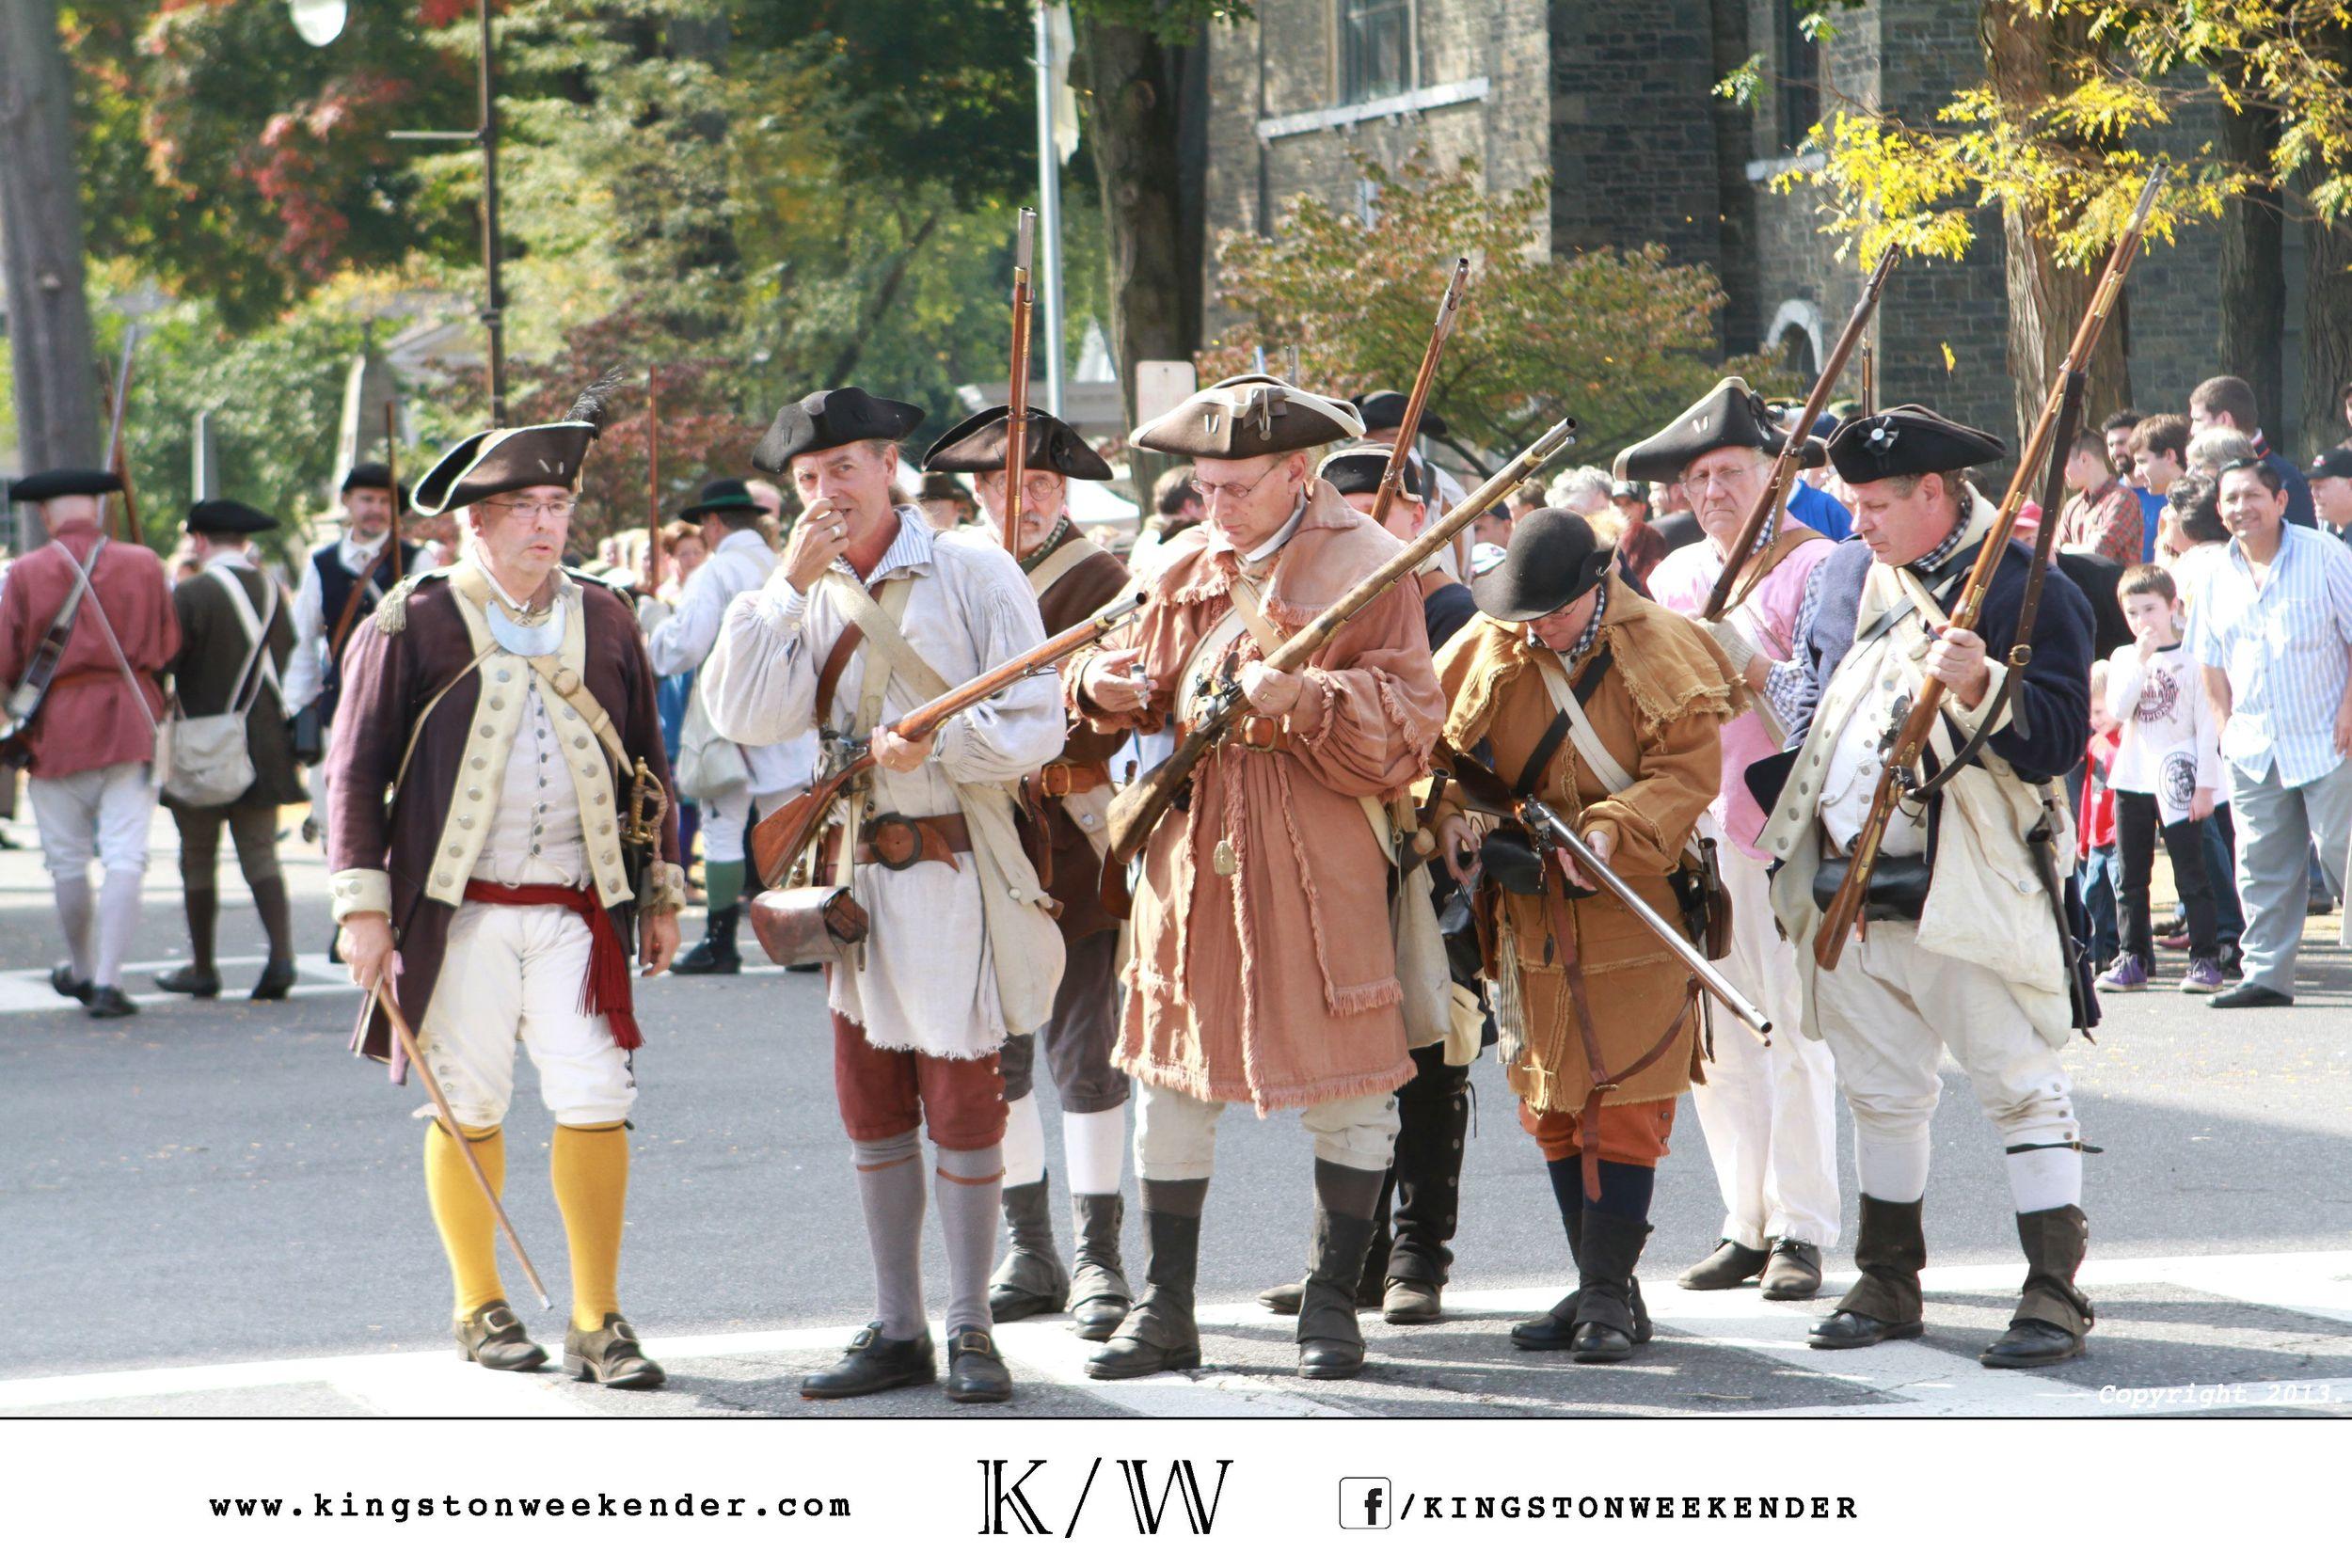 kingston-weekender-photo-credits4.jpg